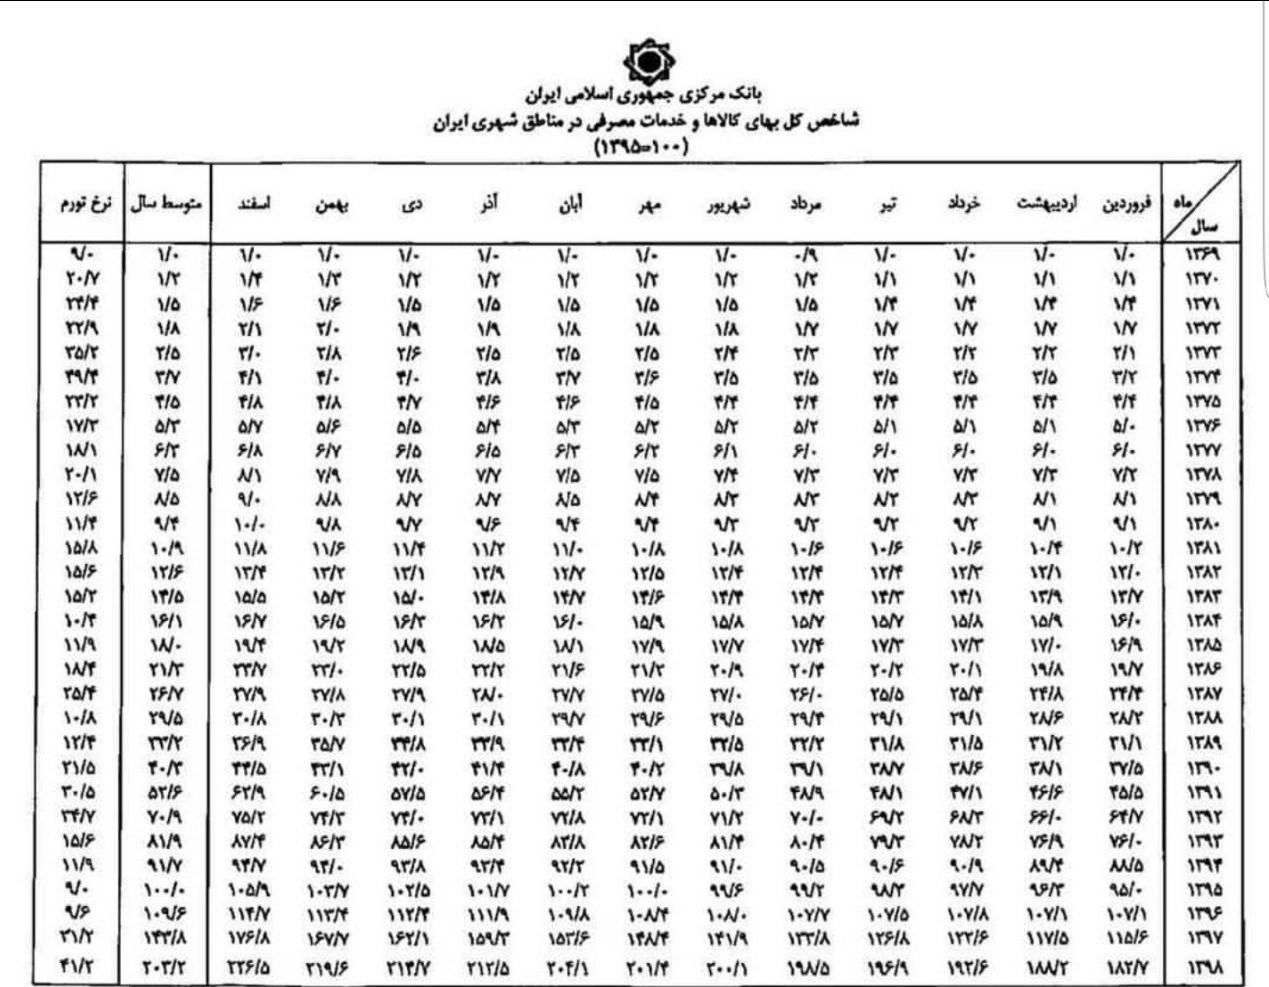 14000120131305903225428210 - «بدترین دولت به روایت آمار»/ رکوردشکنی دولت حسن روحانی در تعمیق فقر برای اولین بار طی 40 سال اخیر